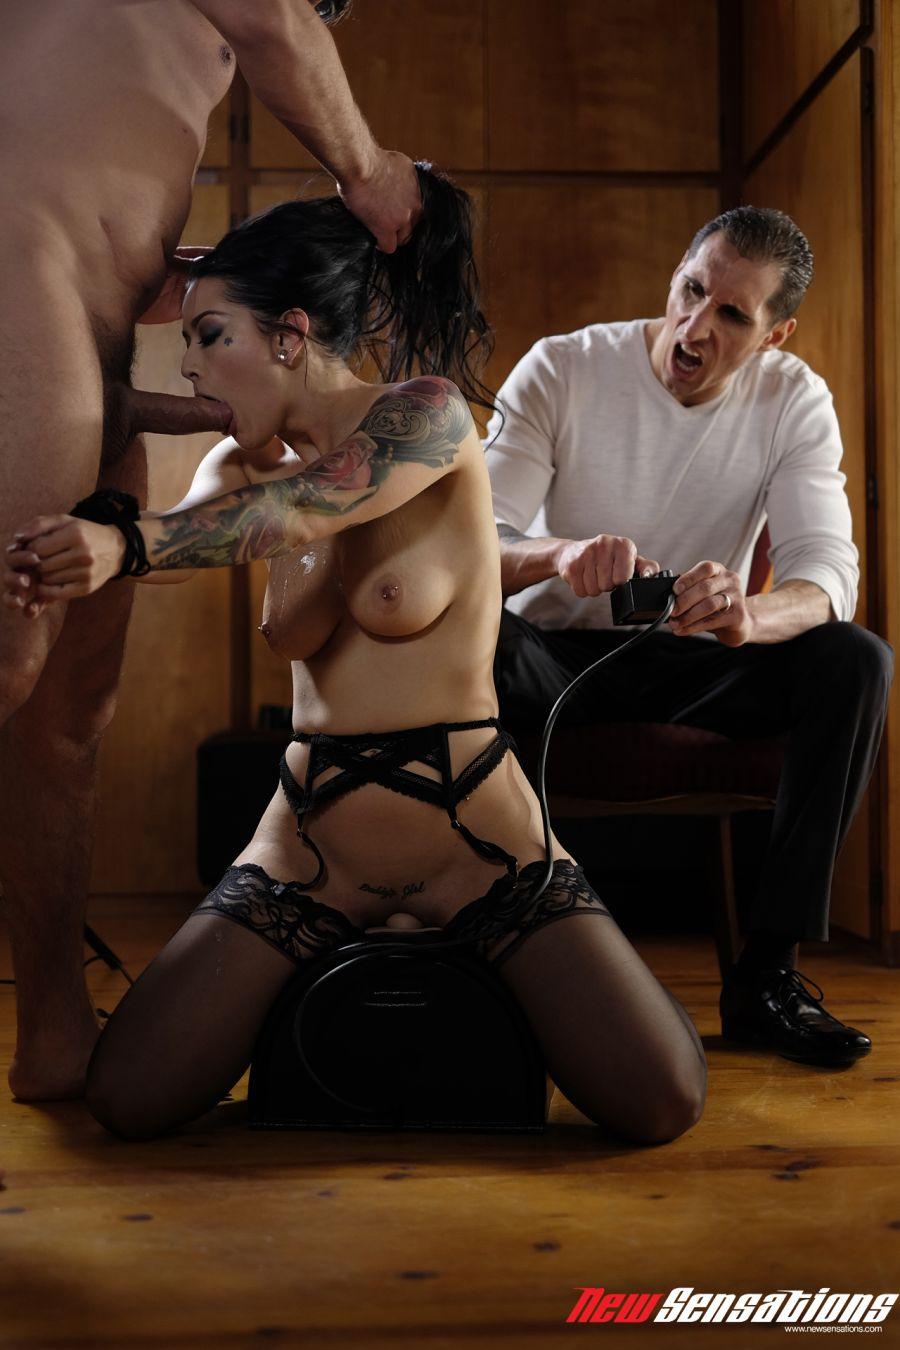 Katrina-Jade-laat-zich-neuken-echtgenoot-kijkt-toe-015